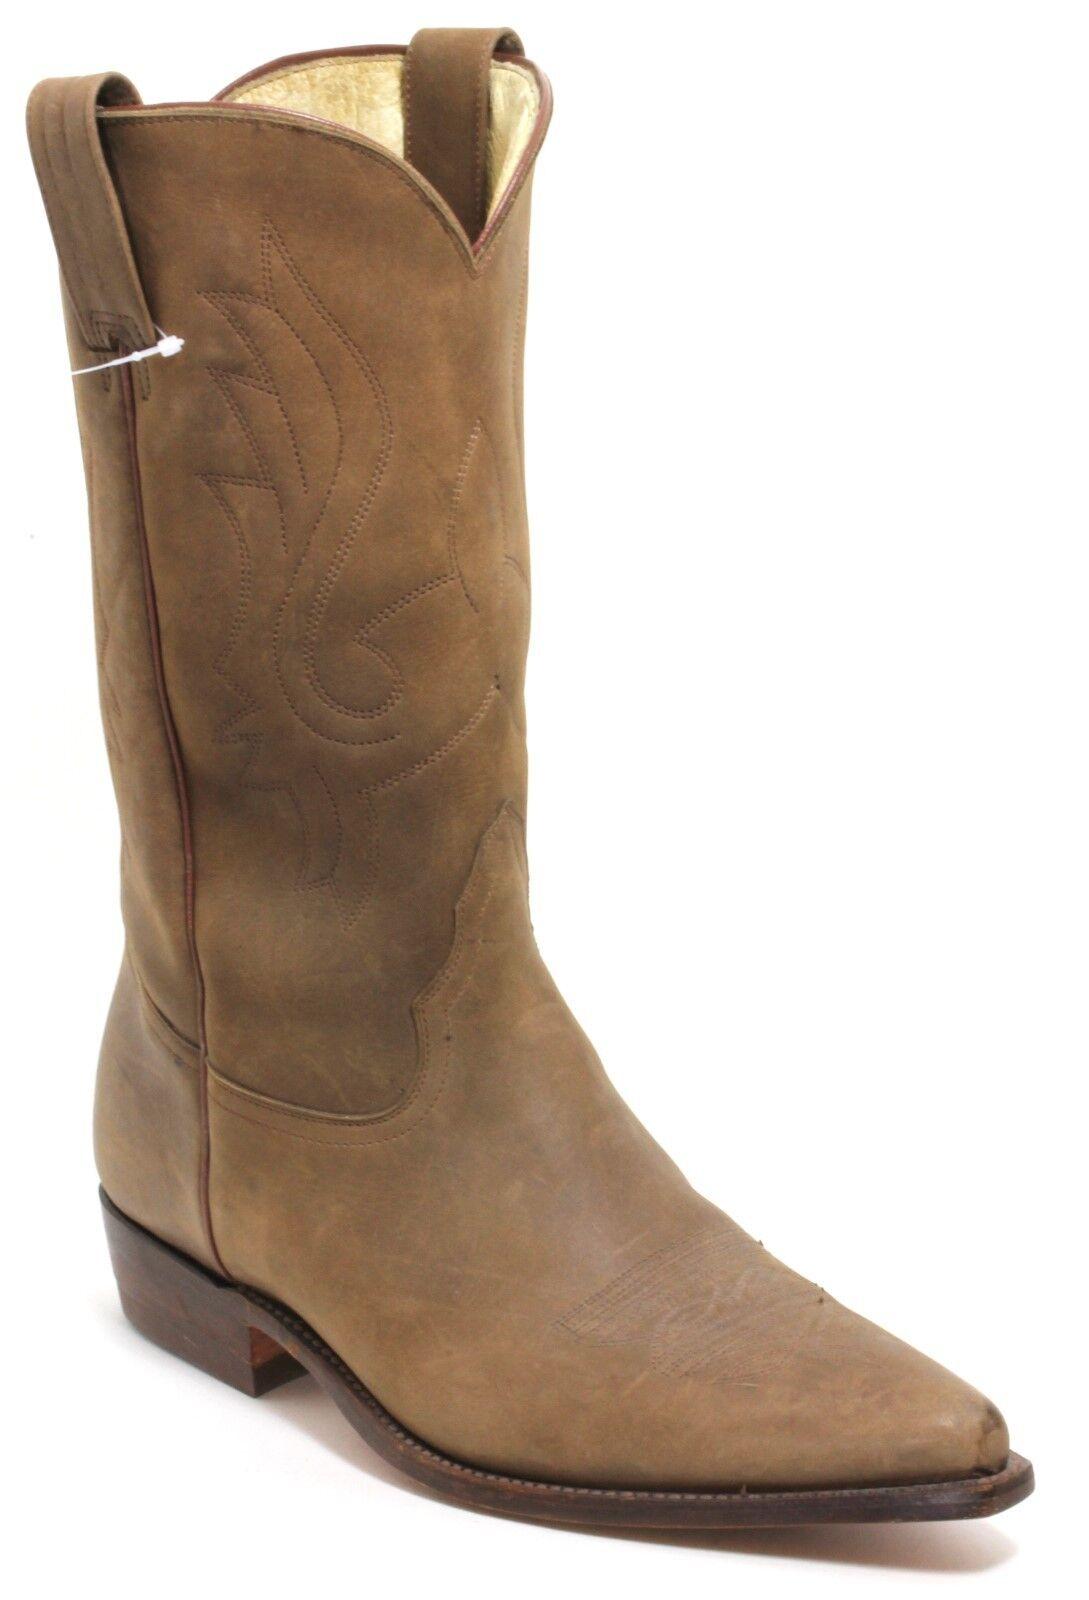 78 botas de vaquero Western botas botas de texas cuero solchaga style el canelo 45